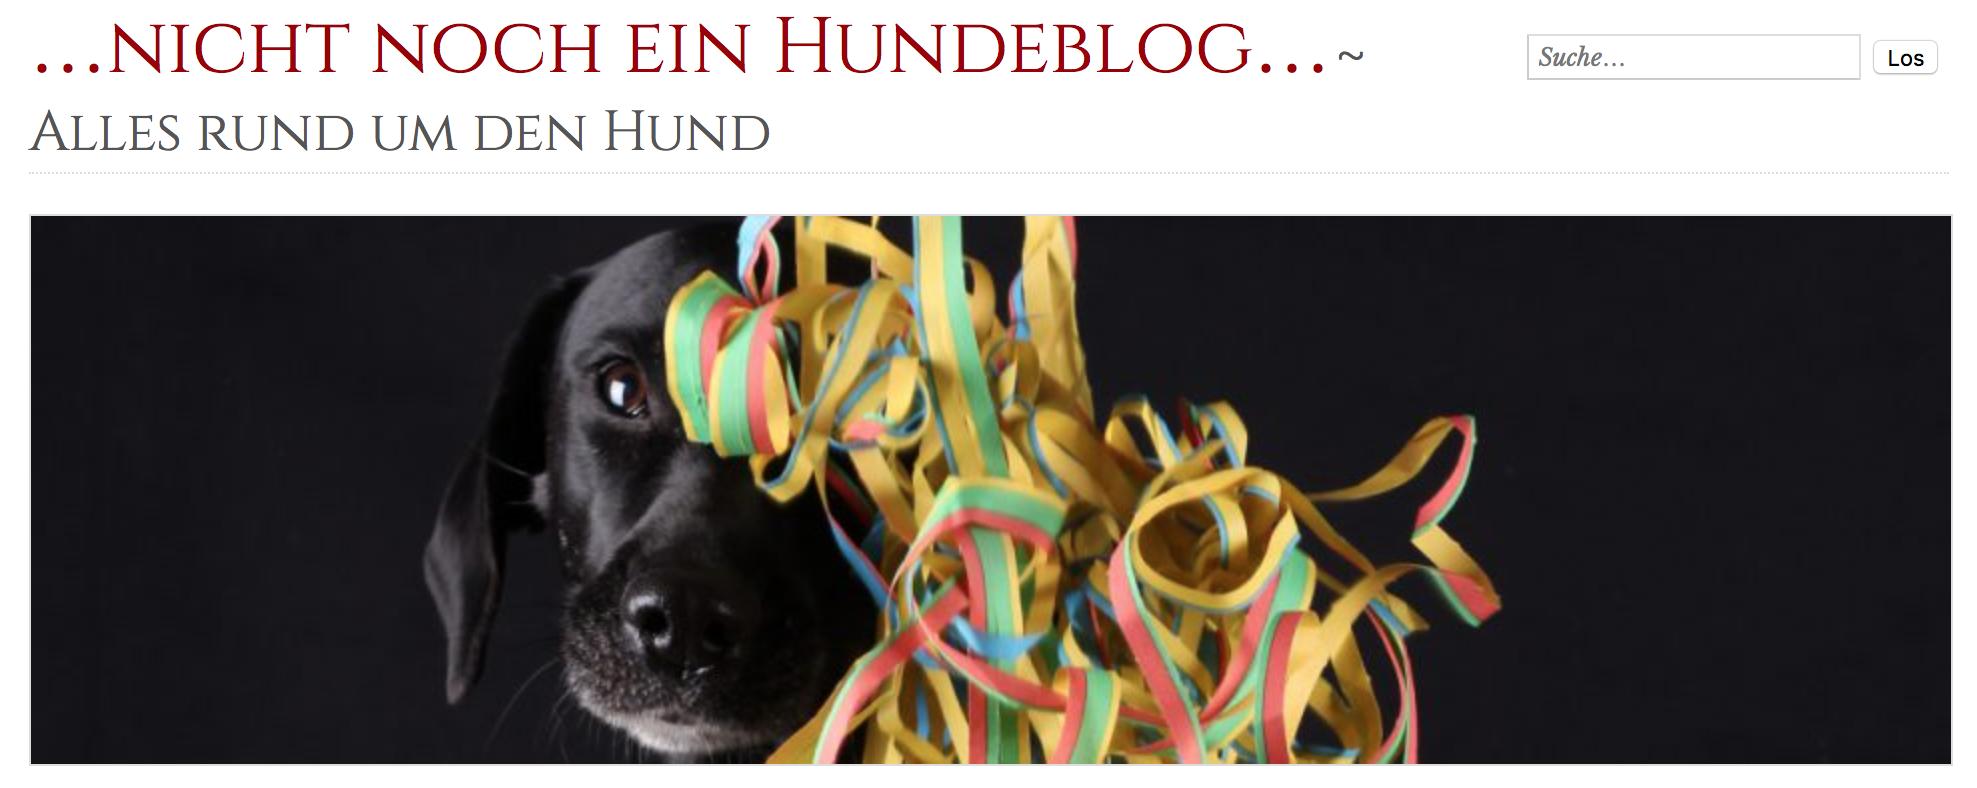 Hundeblog des Jahres: Nicht noch ein Hundeblog.